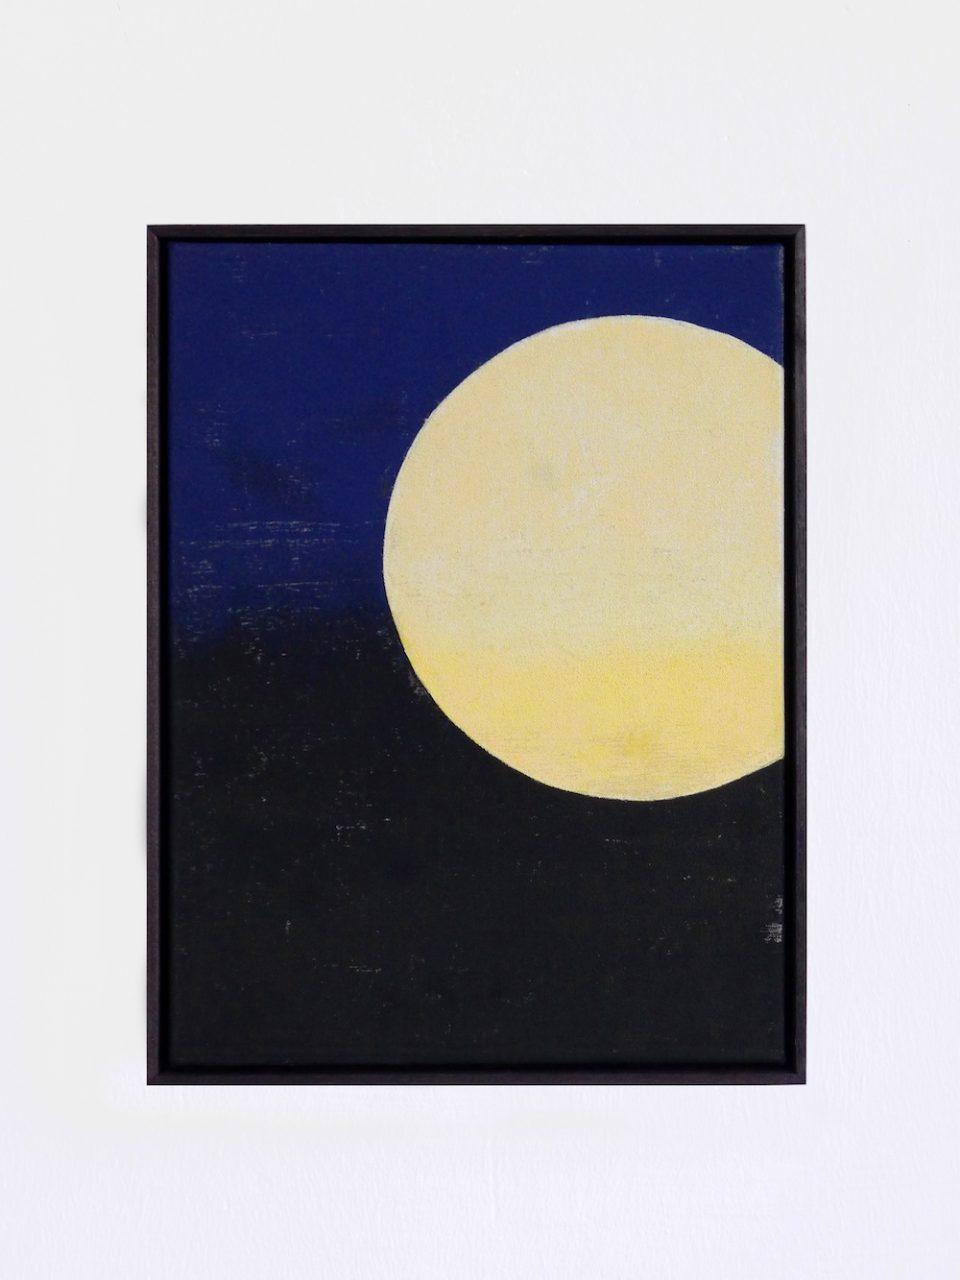 Gelber Mond, 2017, 30 x 40 cm, stencilprint on canvas